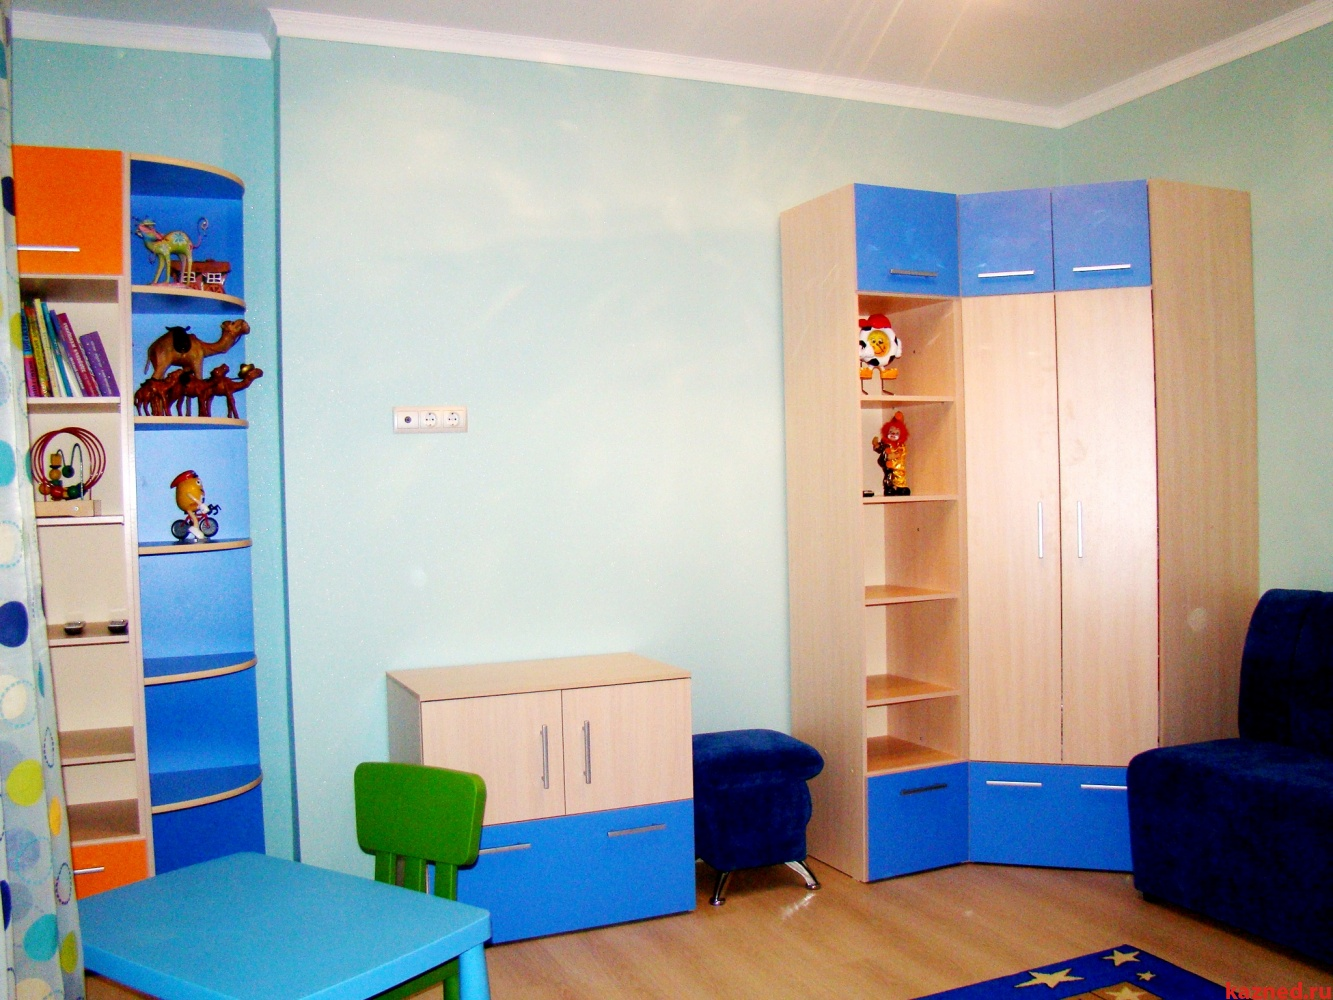 Продажа 3-к квартиры Ямашева, 103 а, 67 м²  (миниатюра №7)